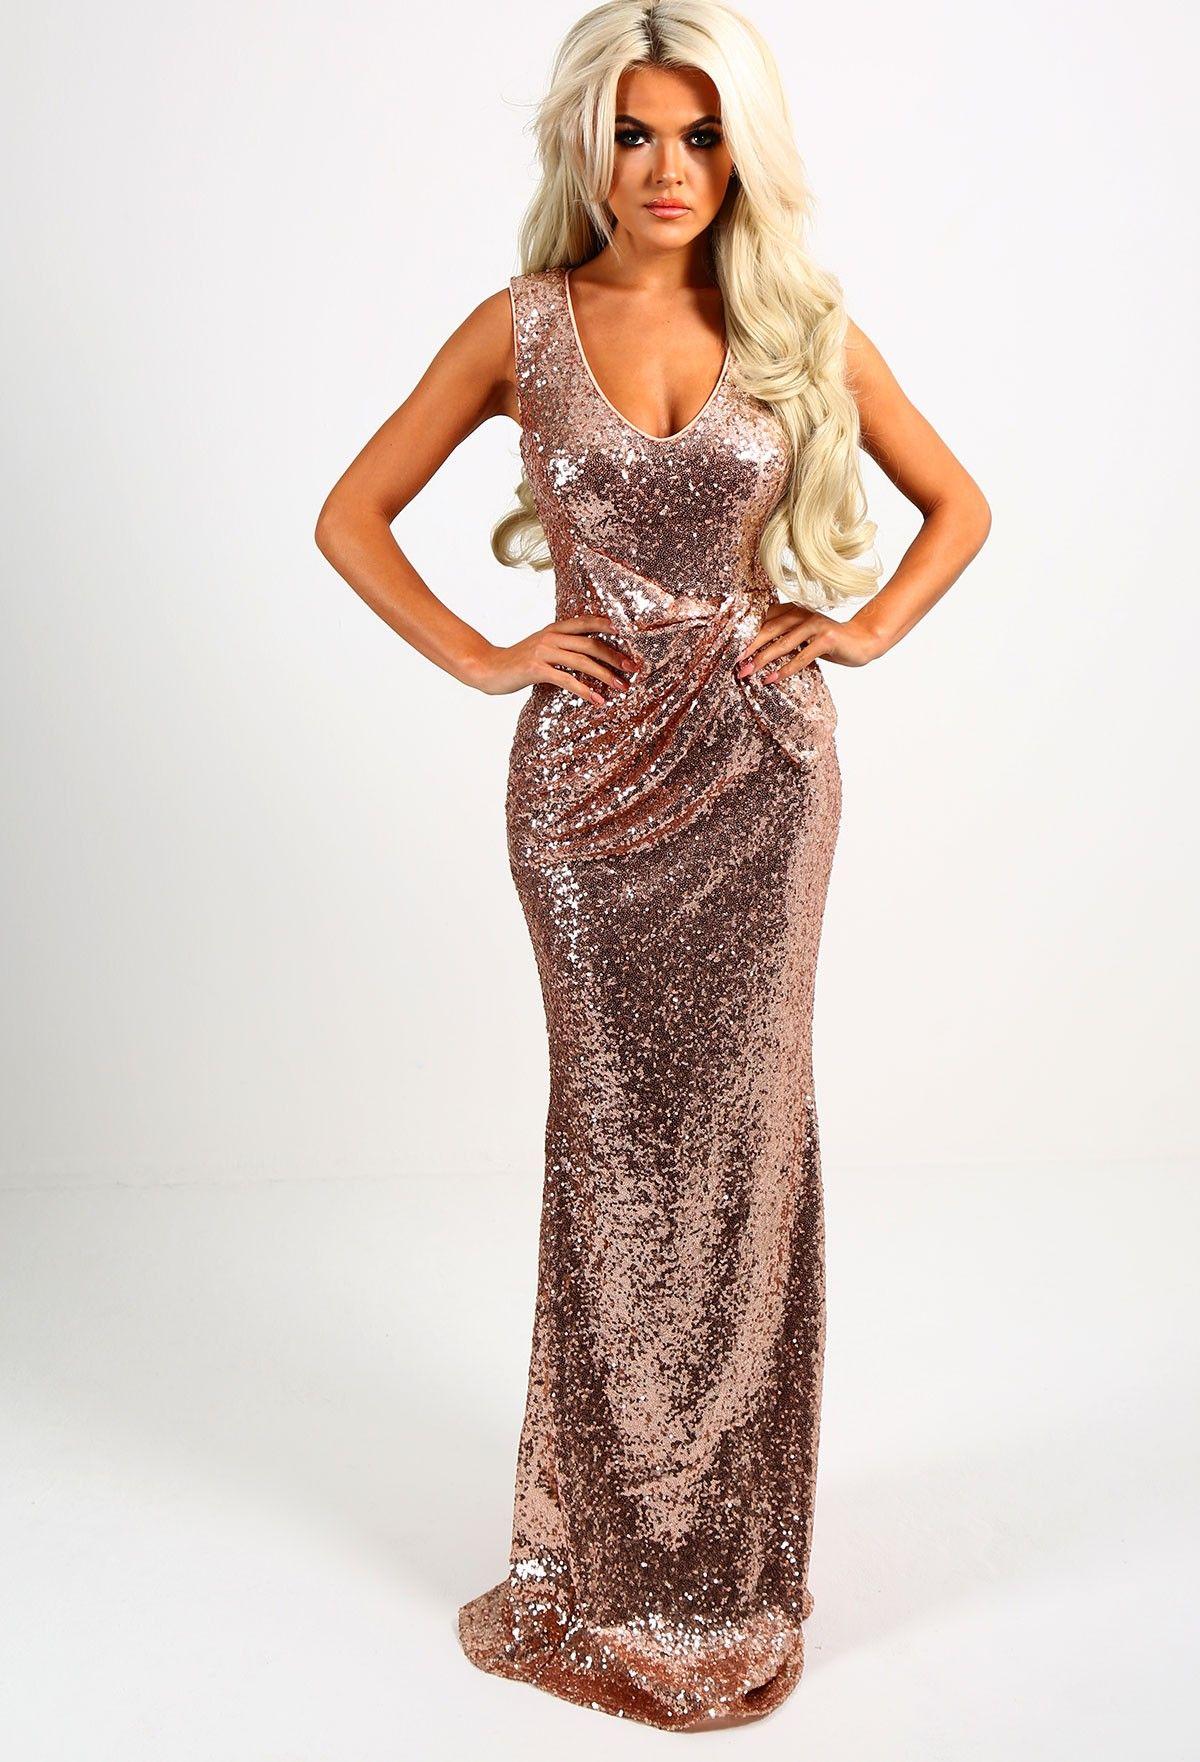 4ddb87c8489a Juliet Rose Gold Sequin Ruched Maxi Dress - 8 | Bridesmaid | Dresses ...